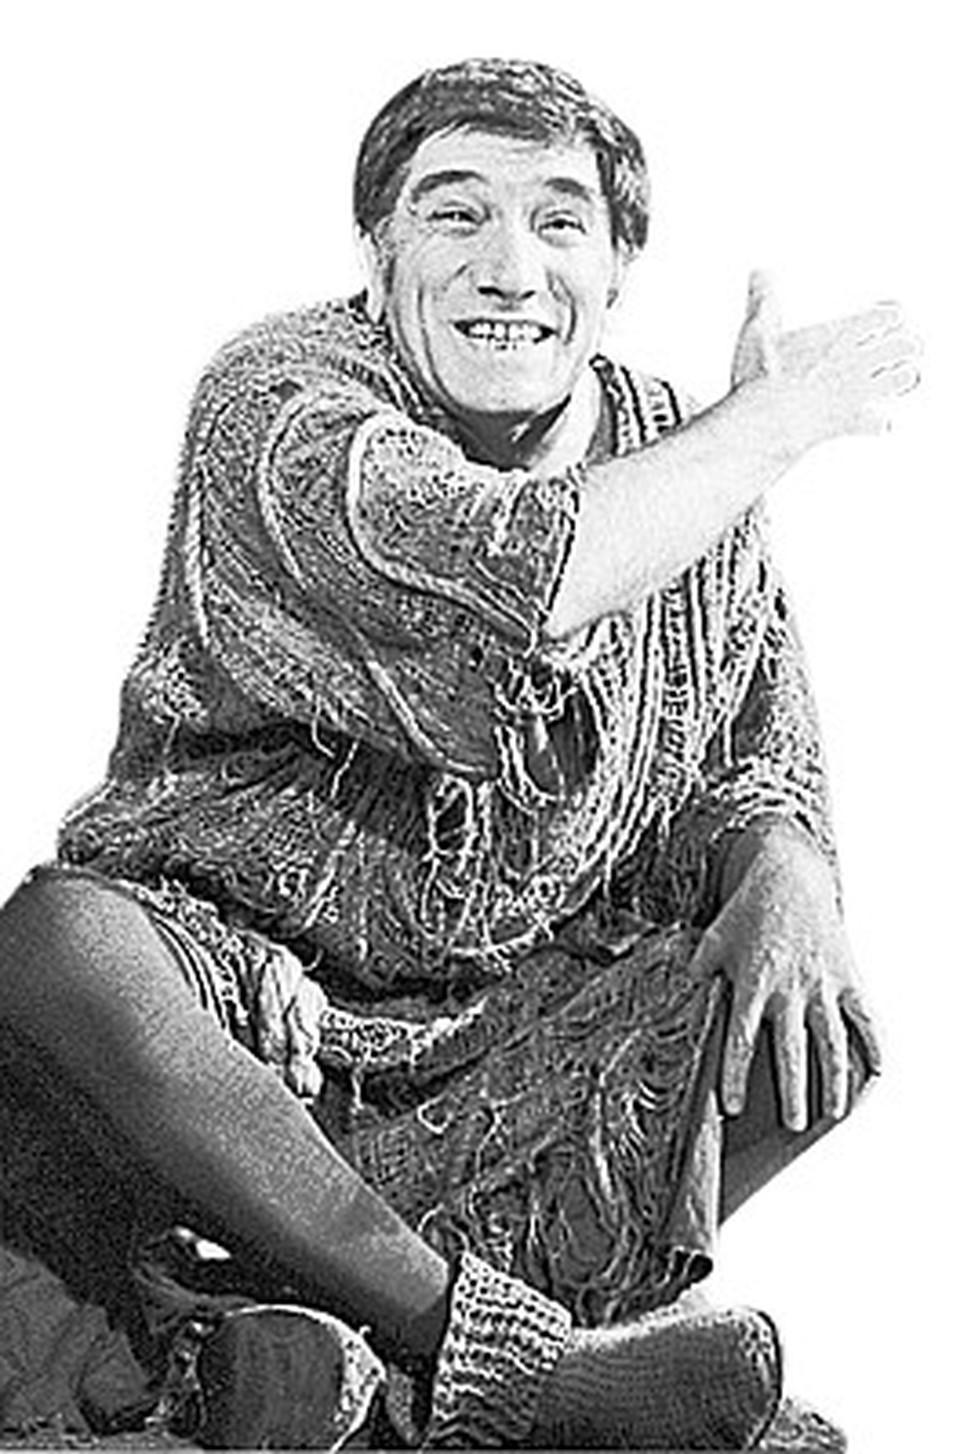 На сцене: актер Армен Джигарханян в роли Сократа.